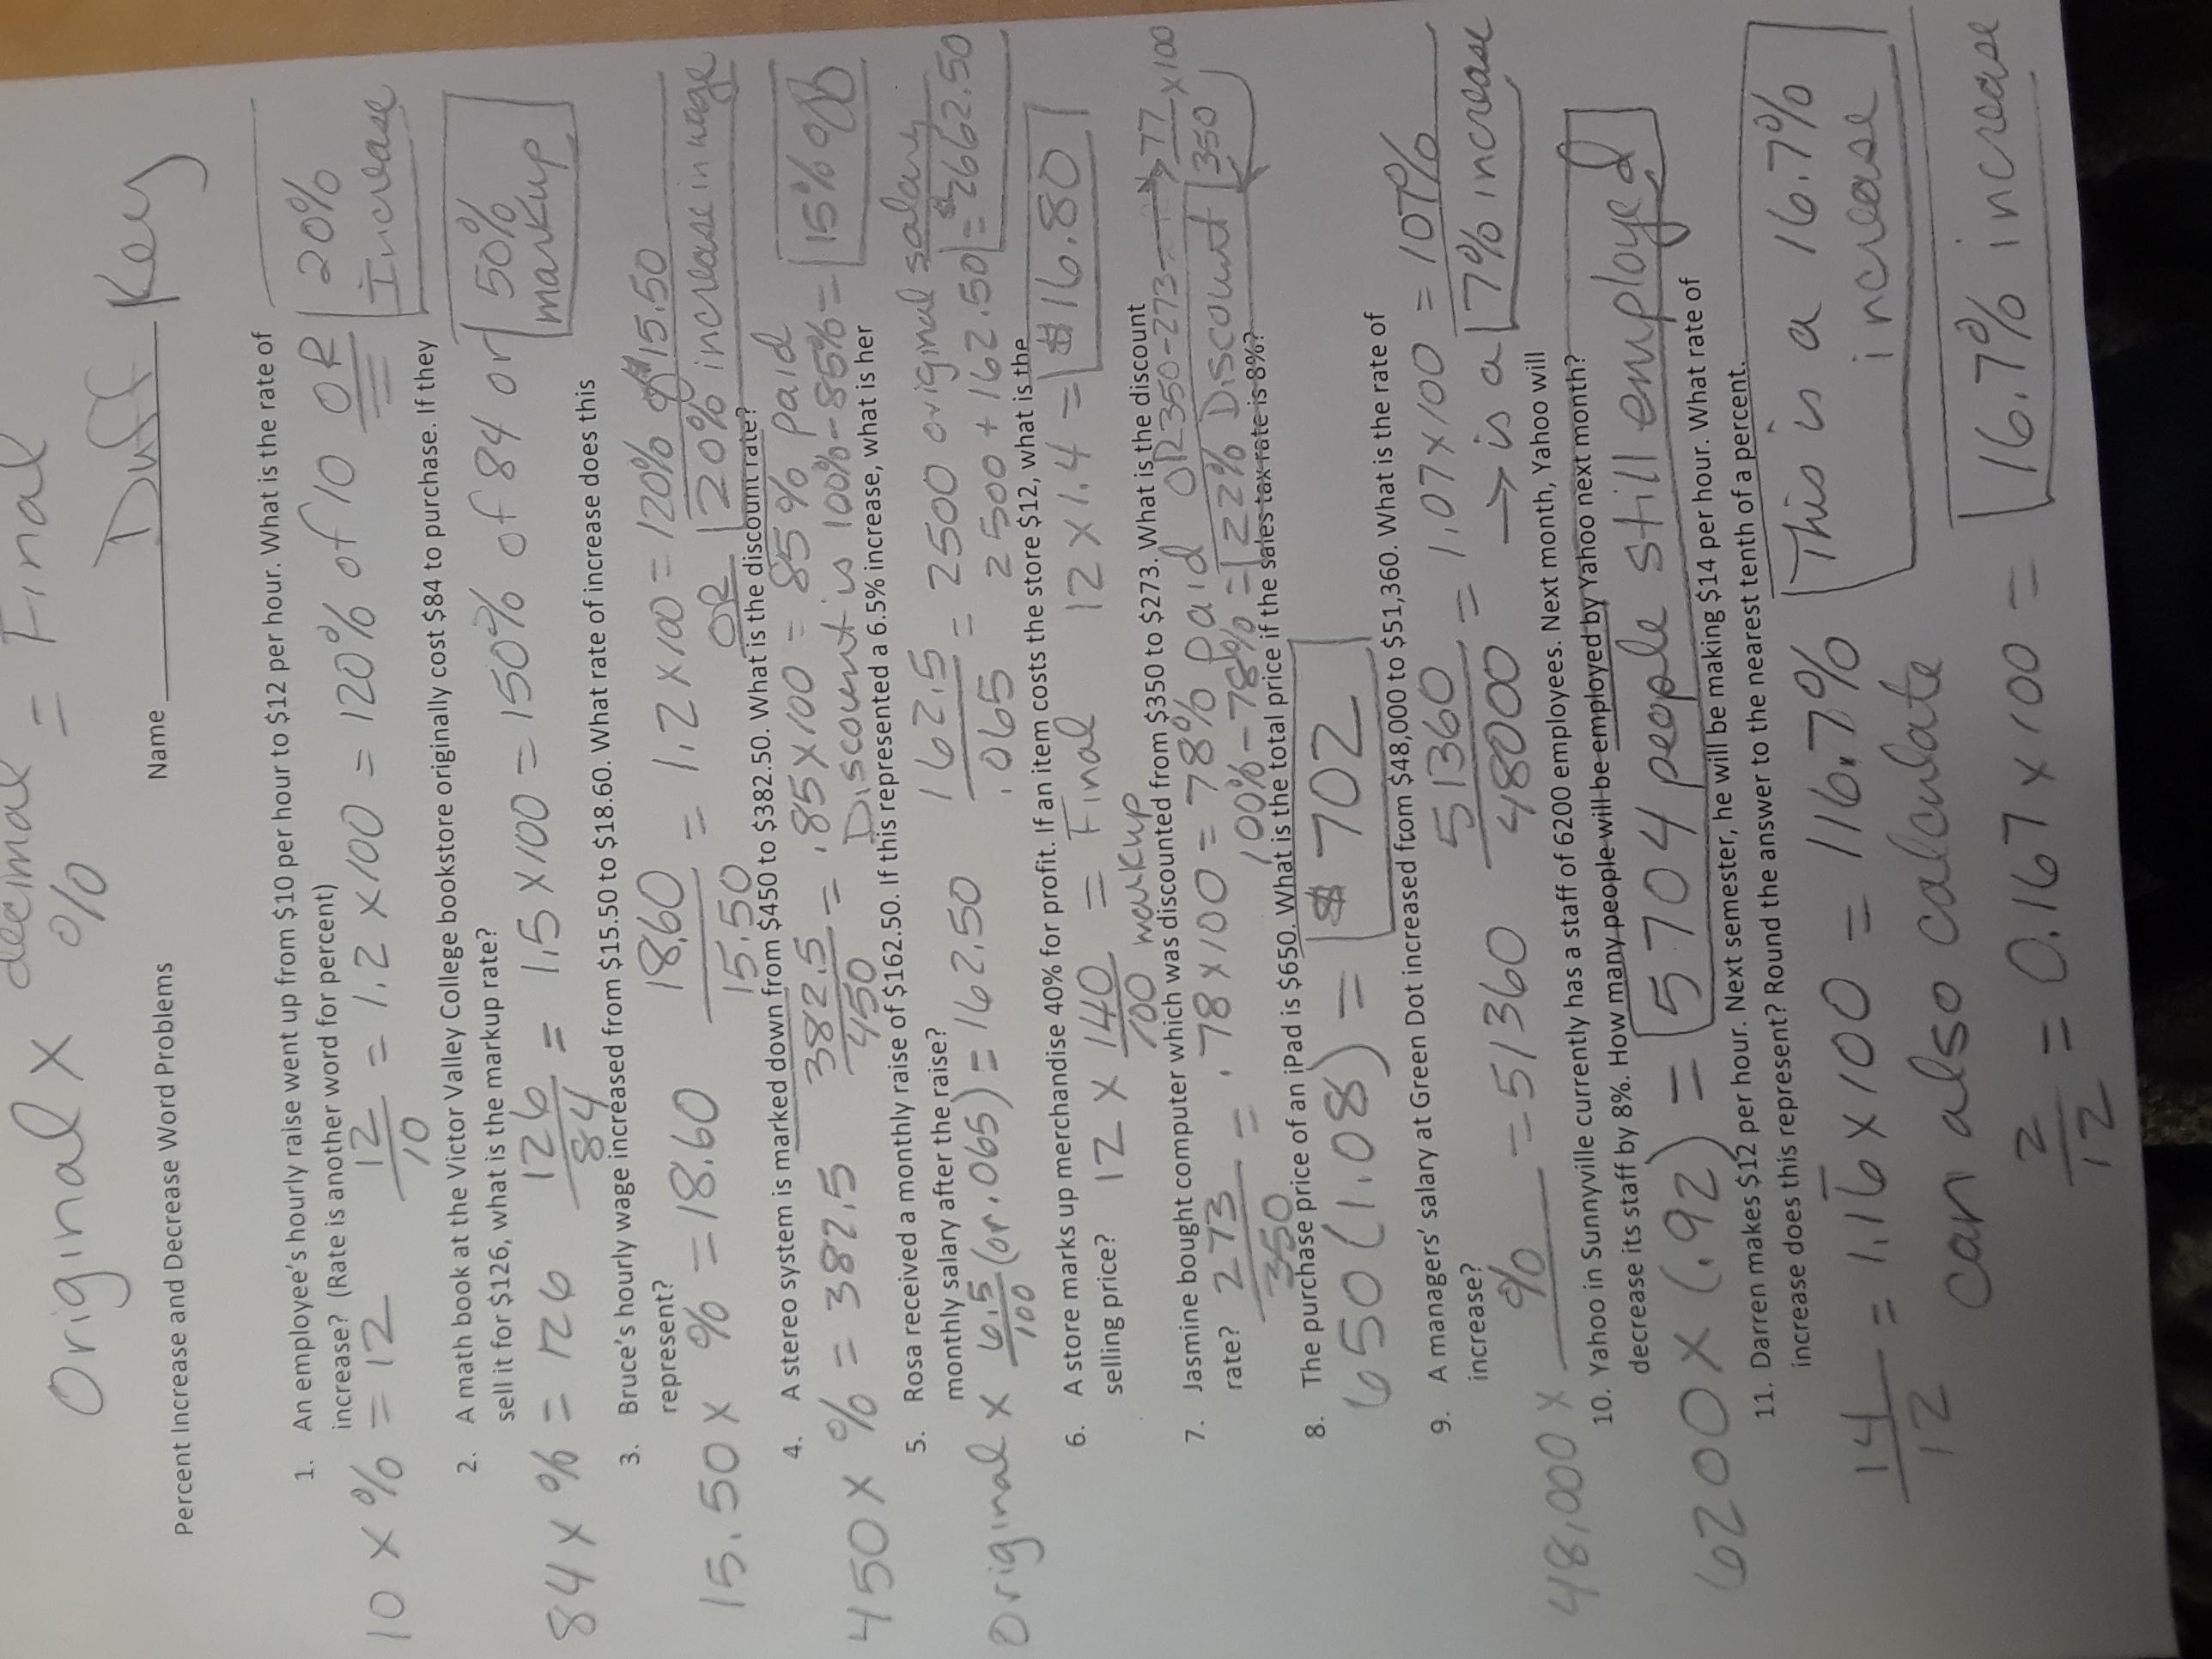 Duff, Gigi / Math 7 Periods 3, 5, 6